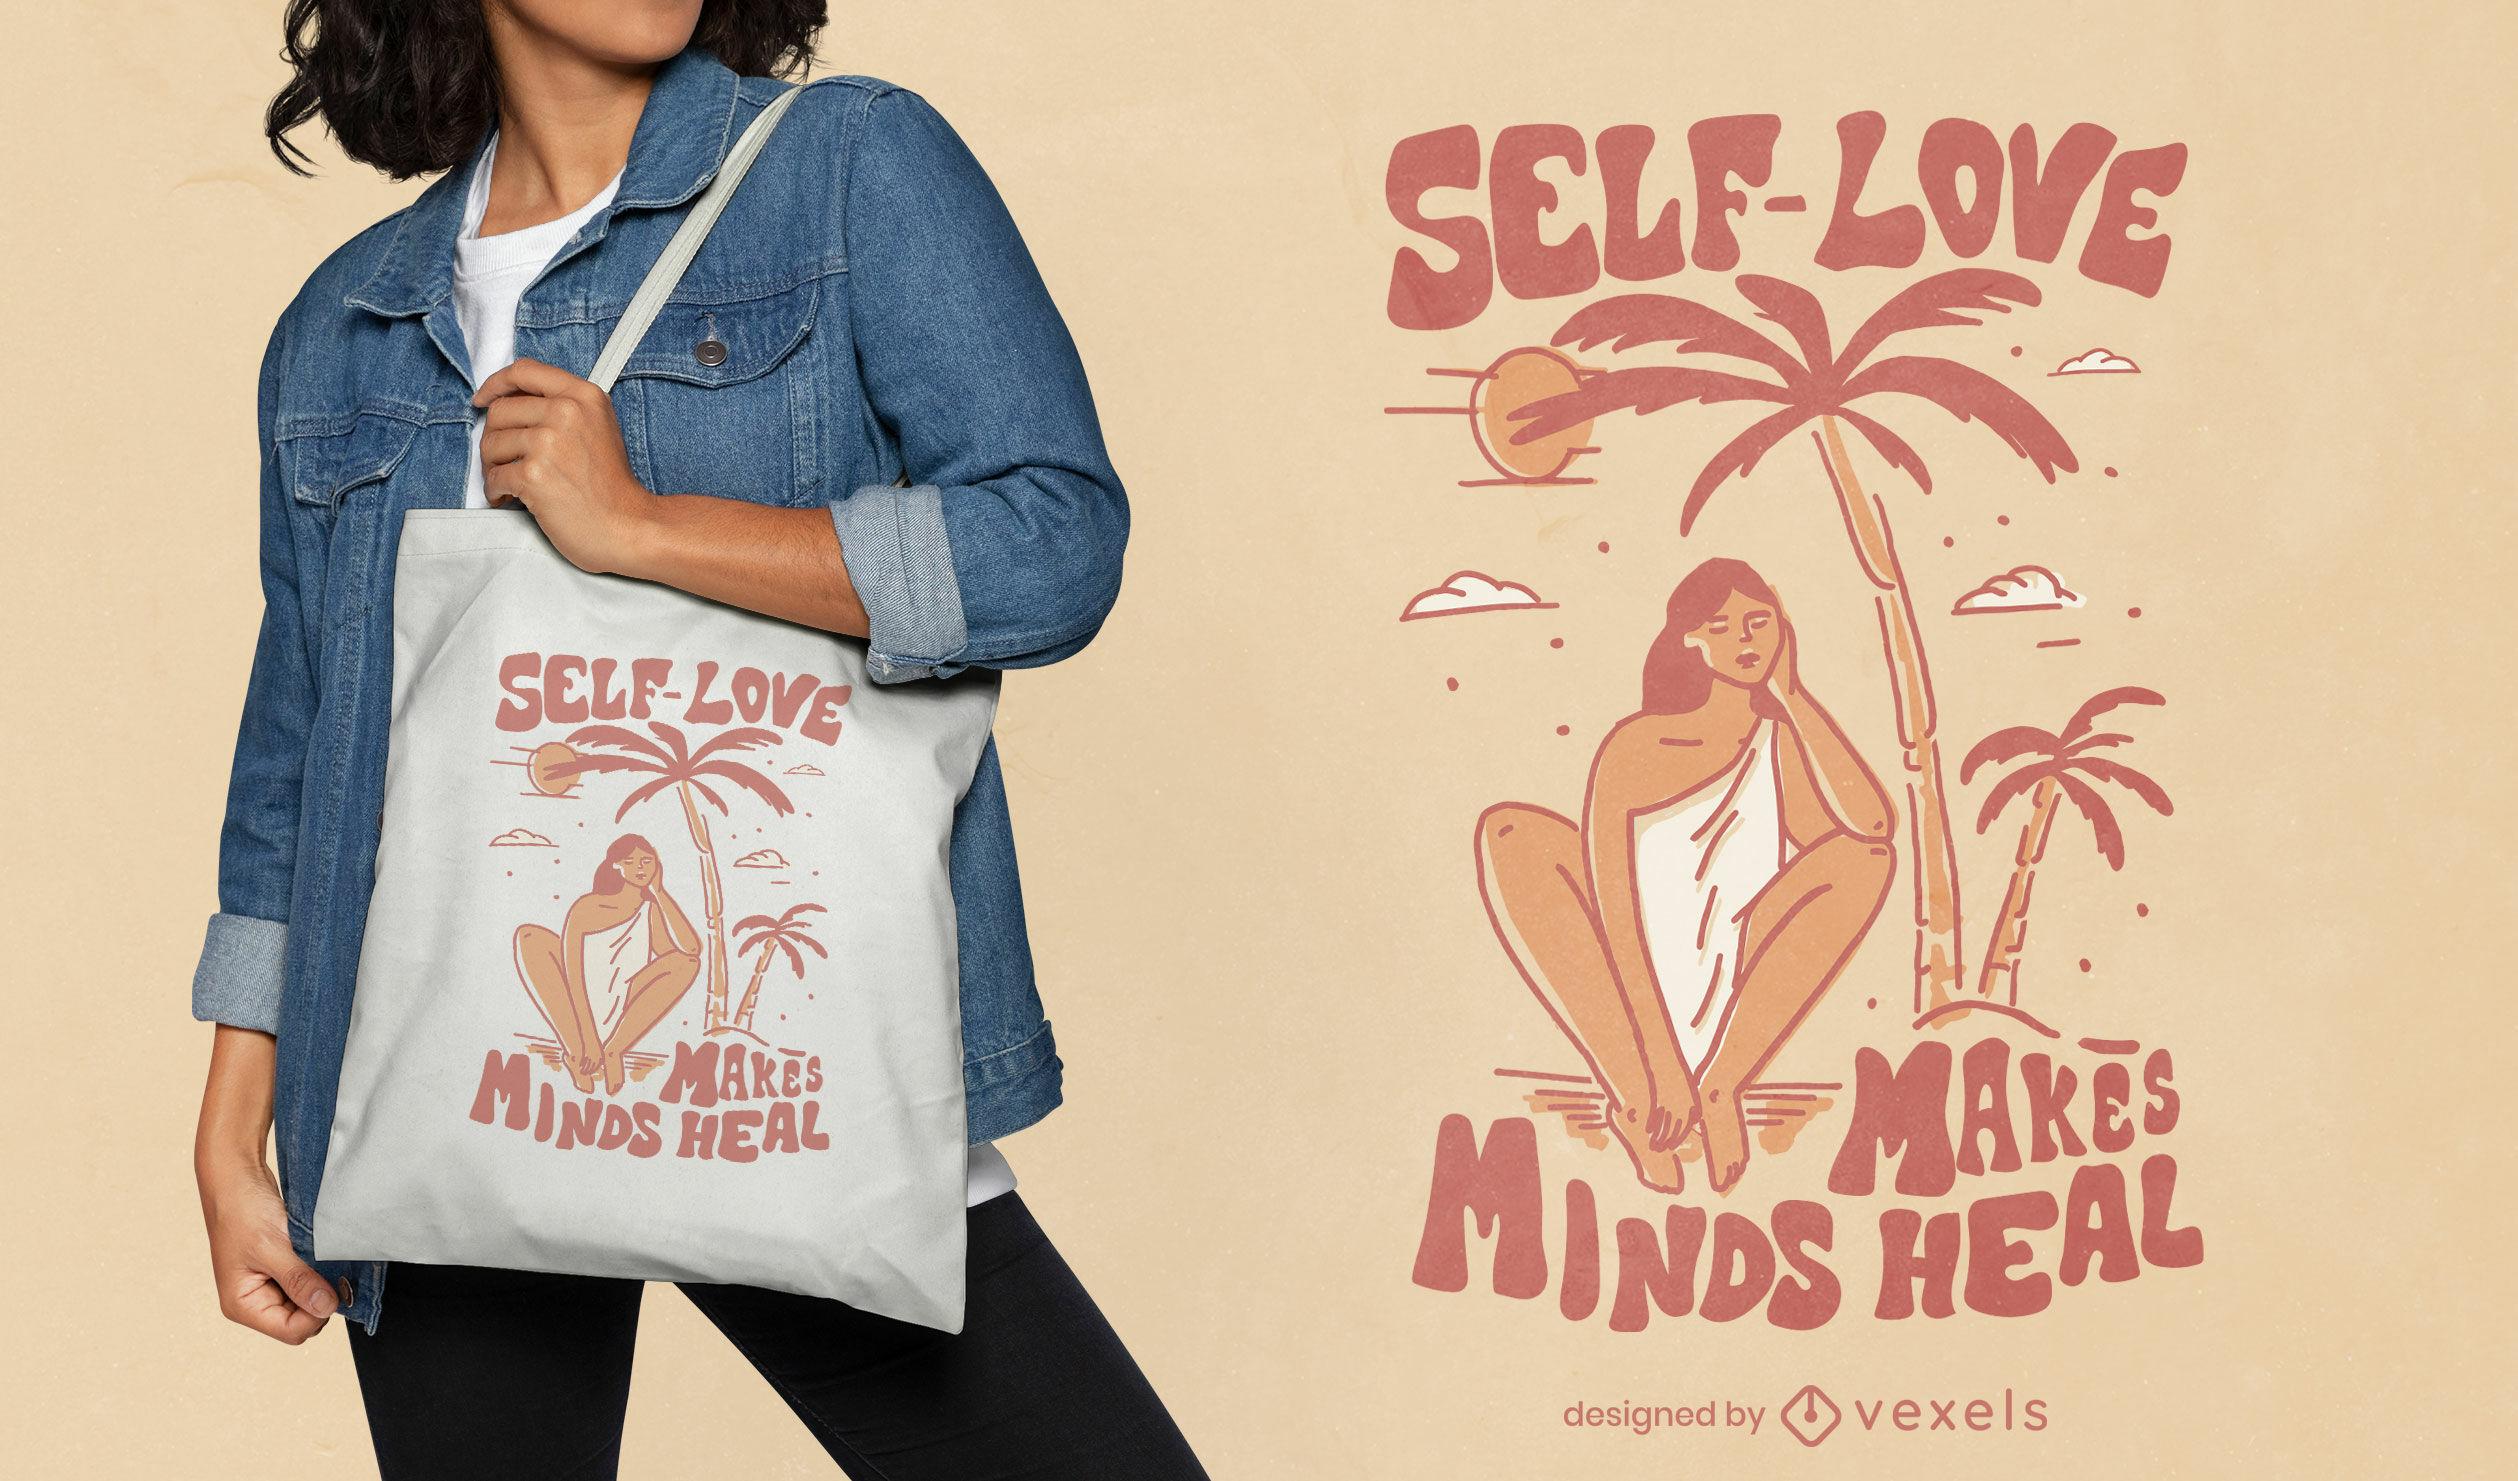 Diseño de bolso tote de amor propio